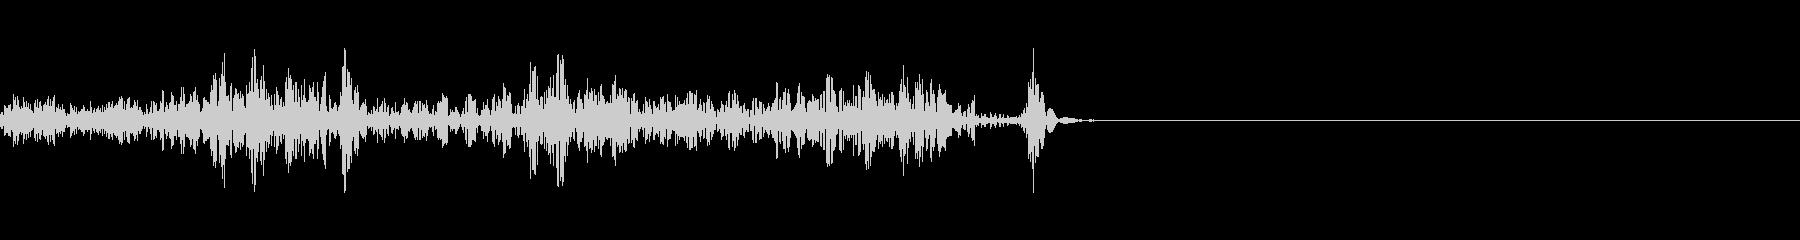 環境音 無線 通信 トランシーバーOFFの未再生の波形